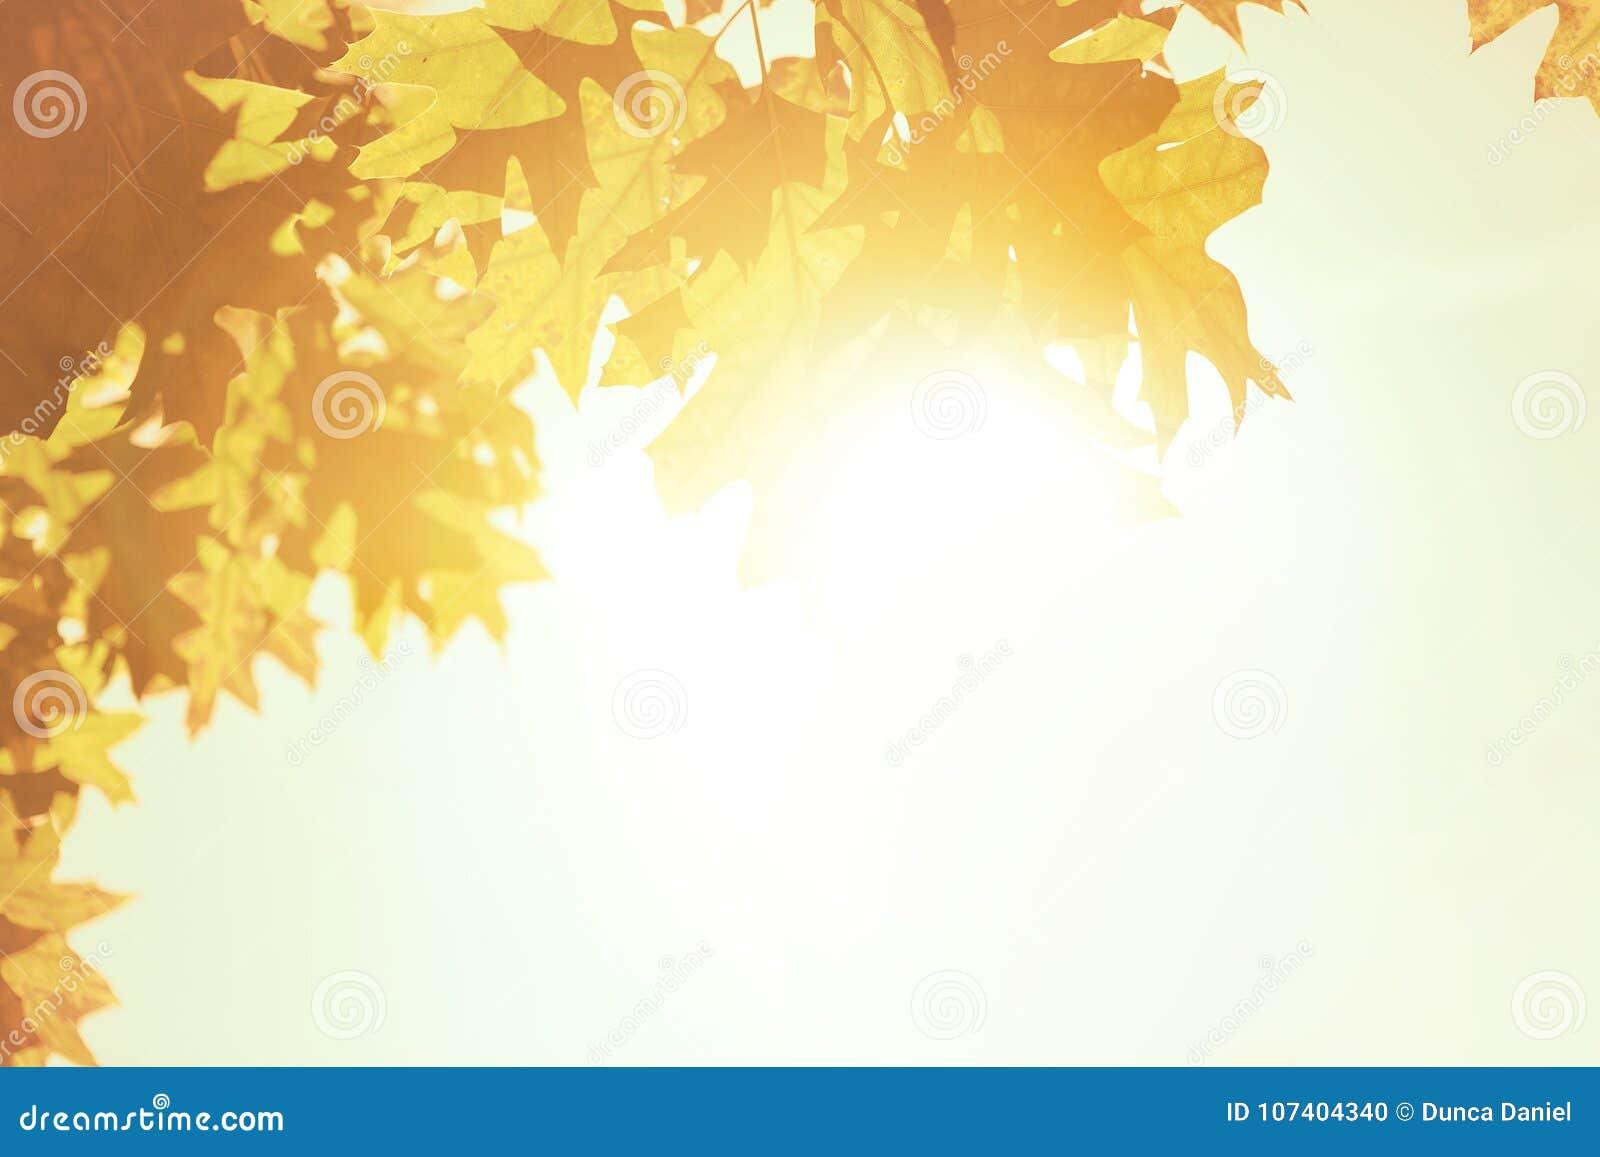 Bakgrund för höstsidor över morgonsolljus